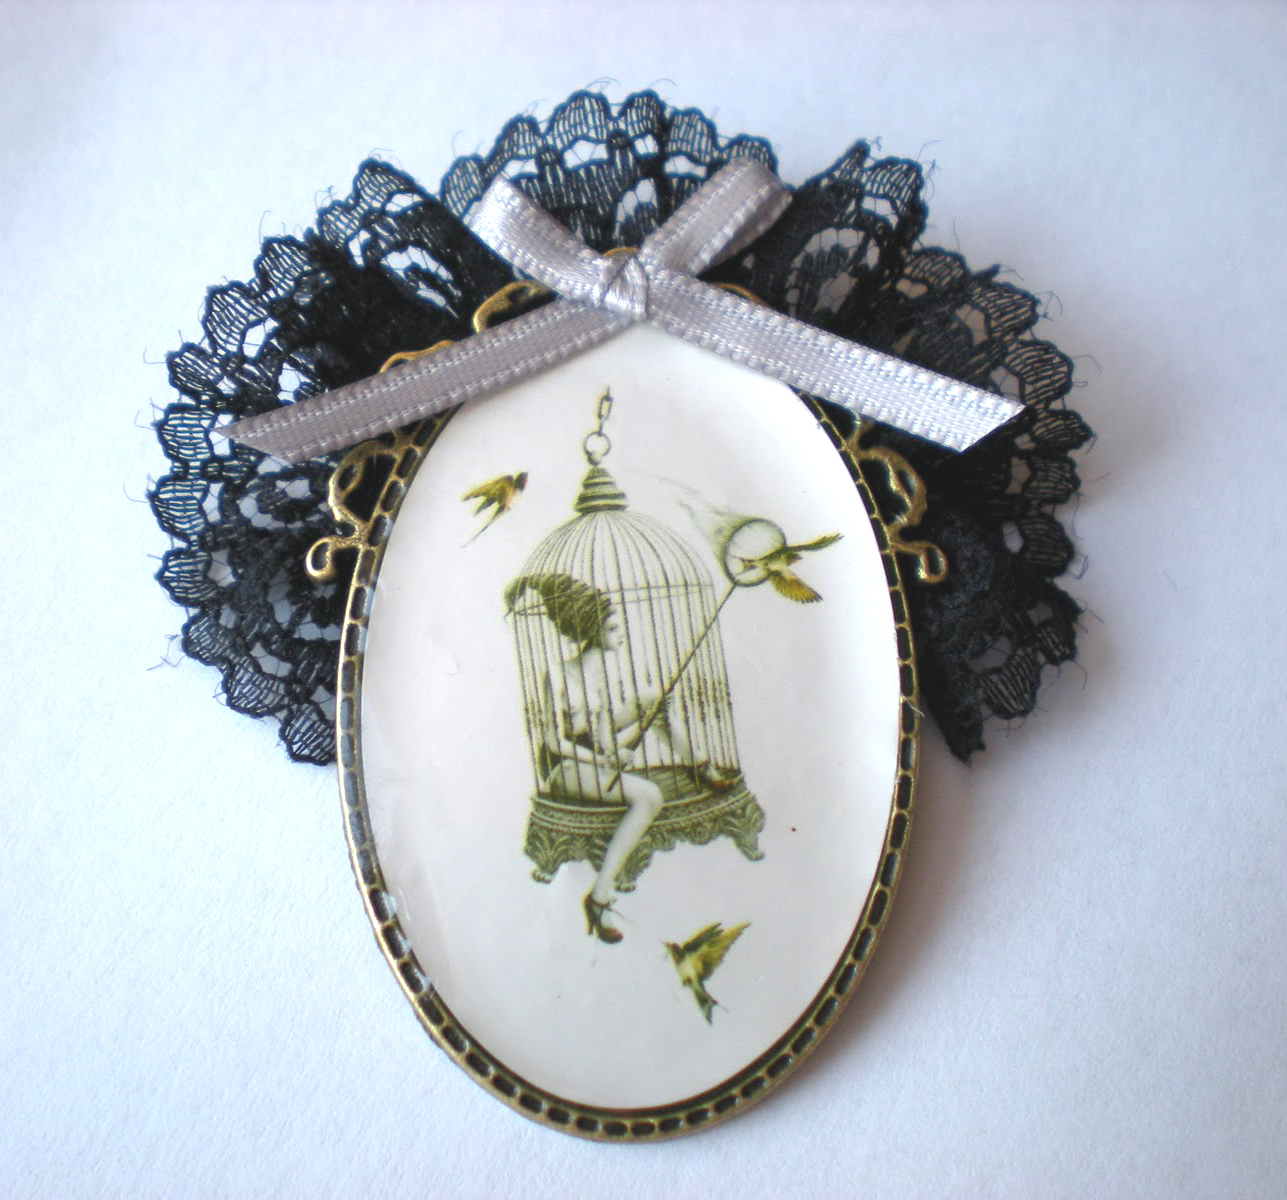 Bandeja de encaje vintage con piedras preciosas